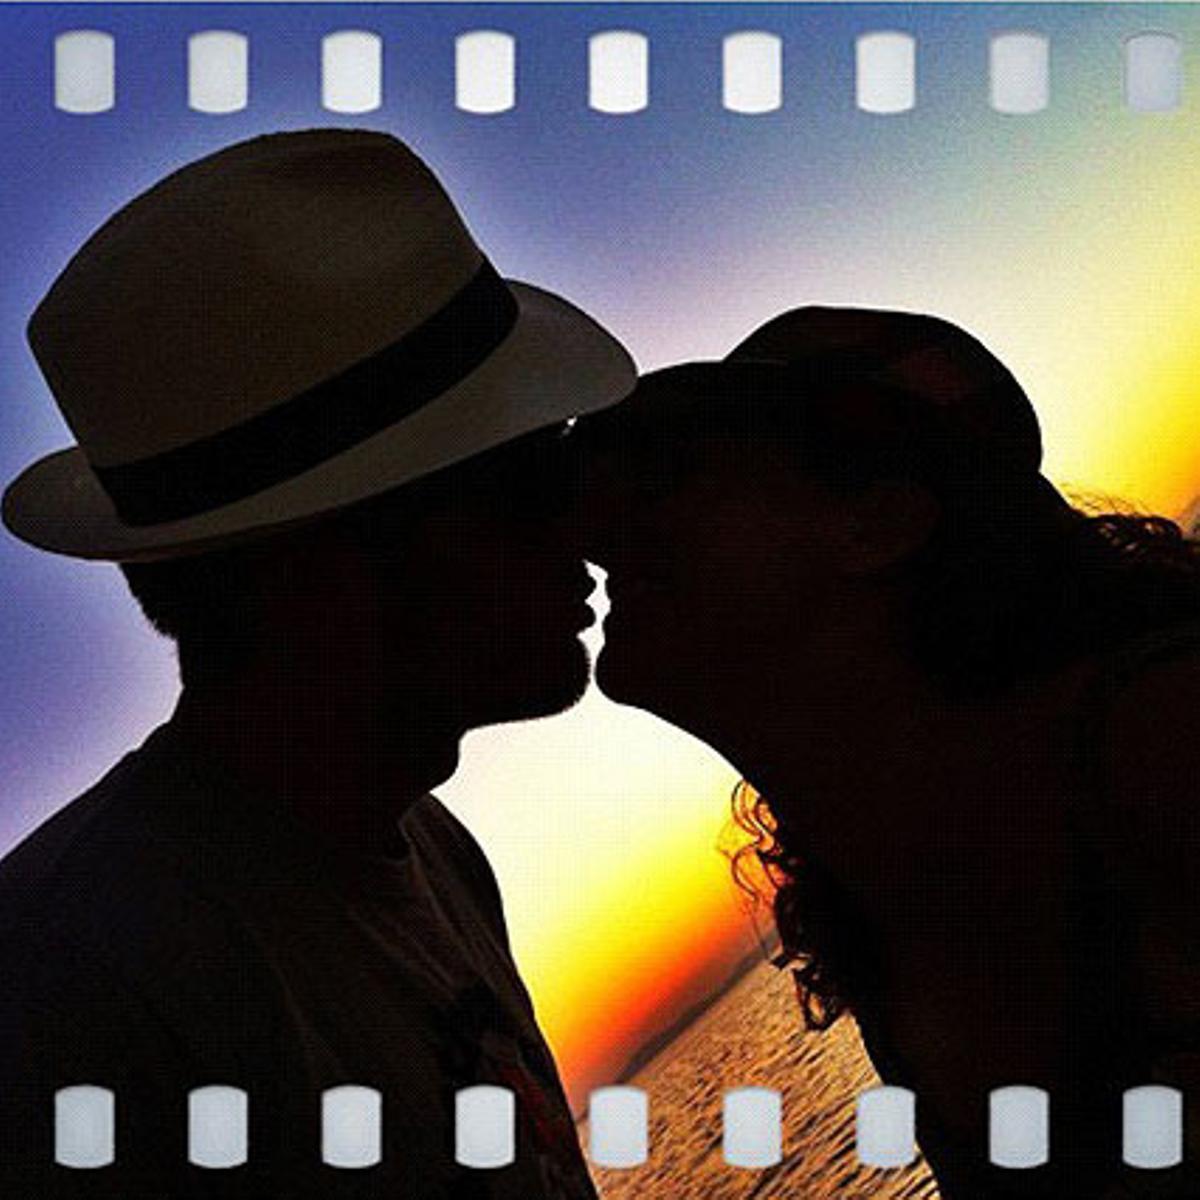 La puesta del sol, el mar y el amor de verano.